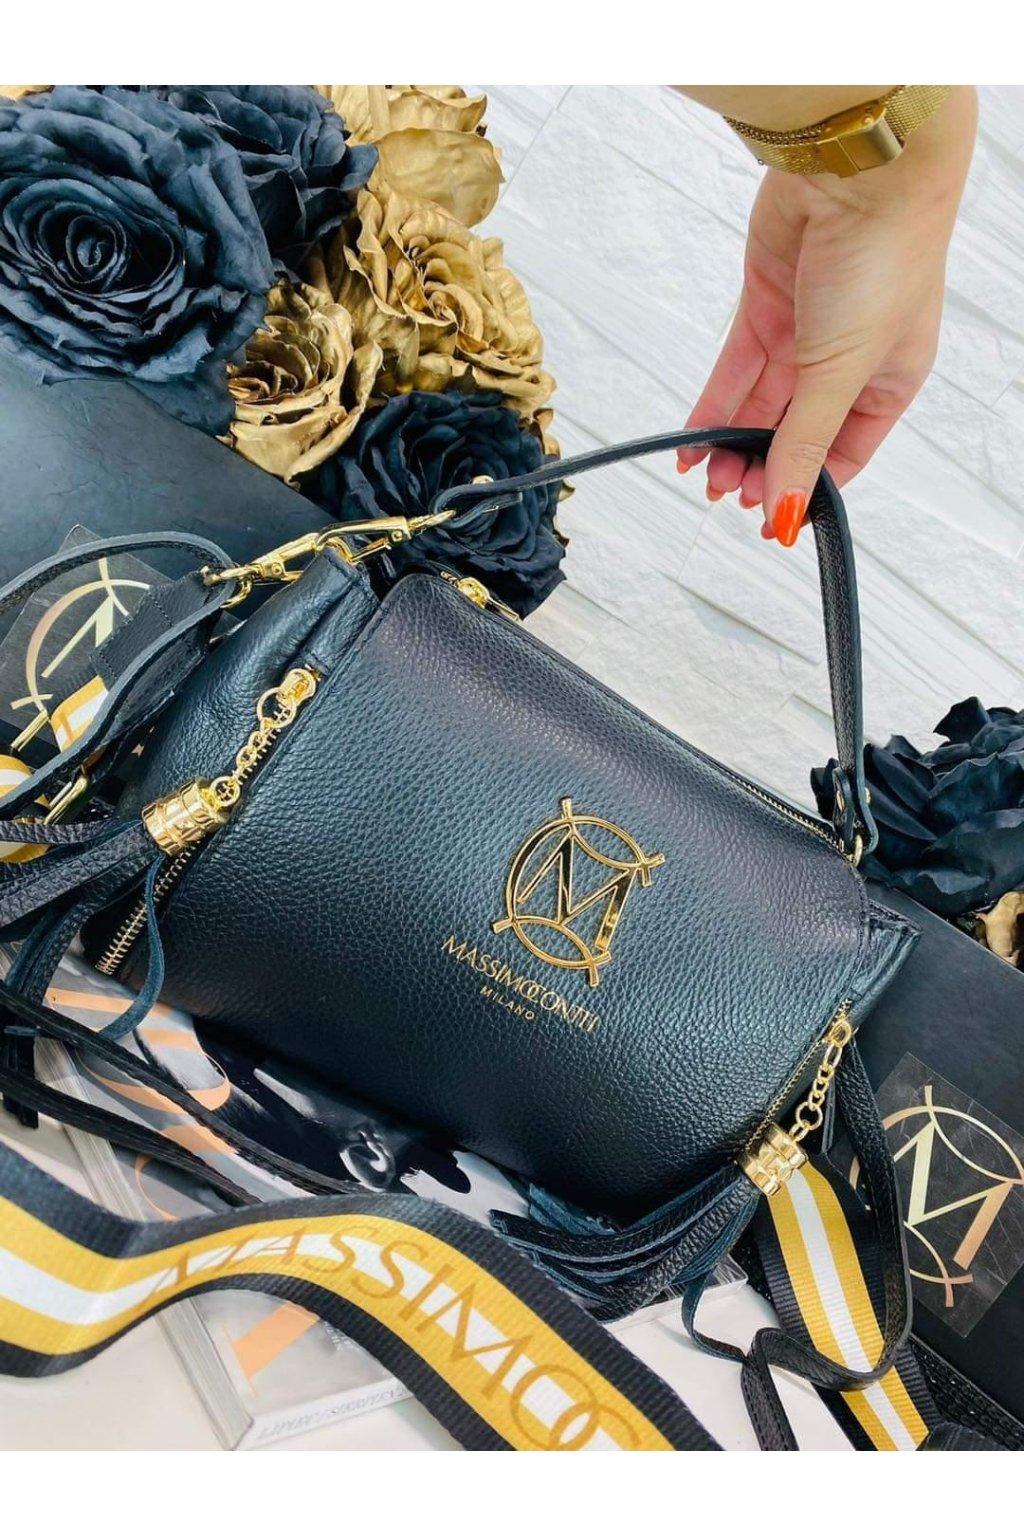 dámská kožená crossbody kabelka luxusní kožená kabelka italy fashion černá barva